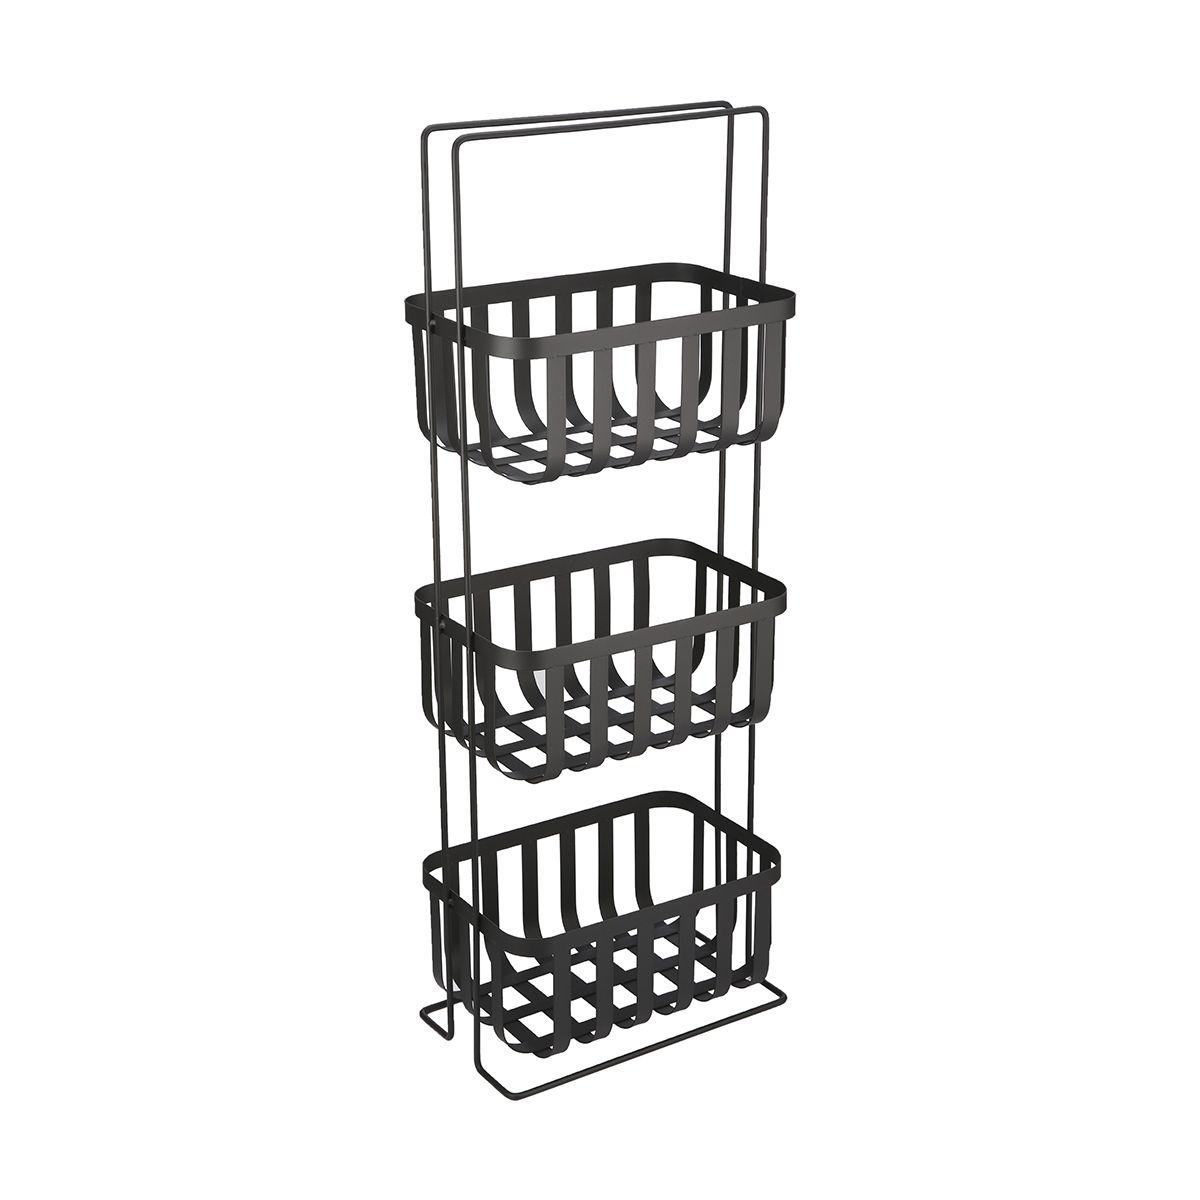 3 Tier Wire Floor Caddy - Black | Kmart | Organization | Pinterest ...